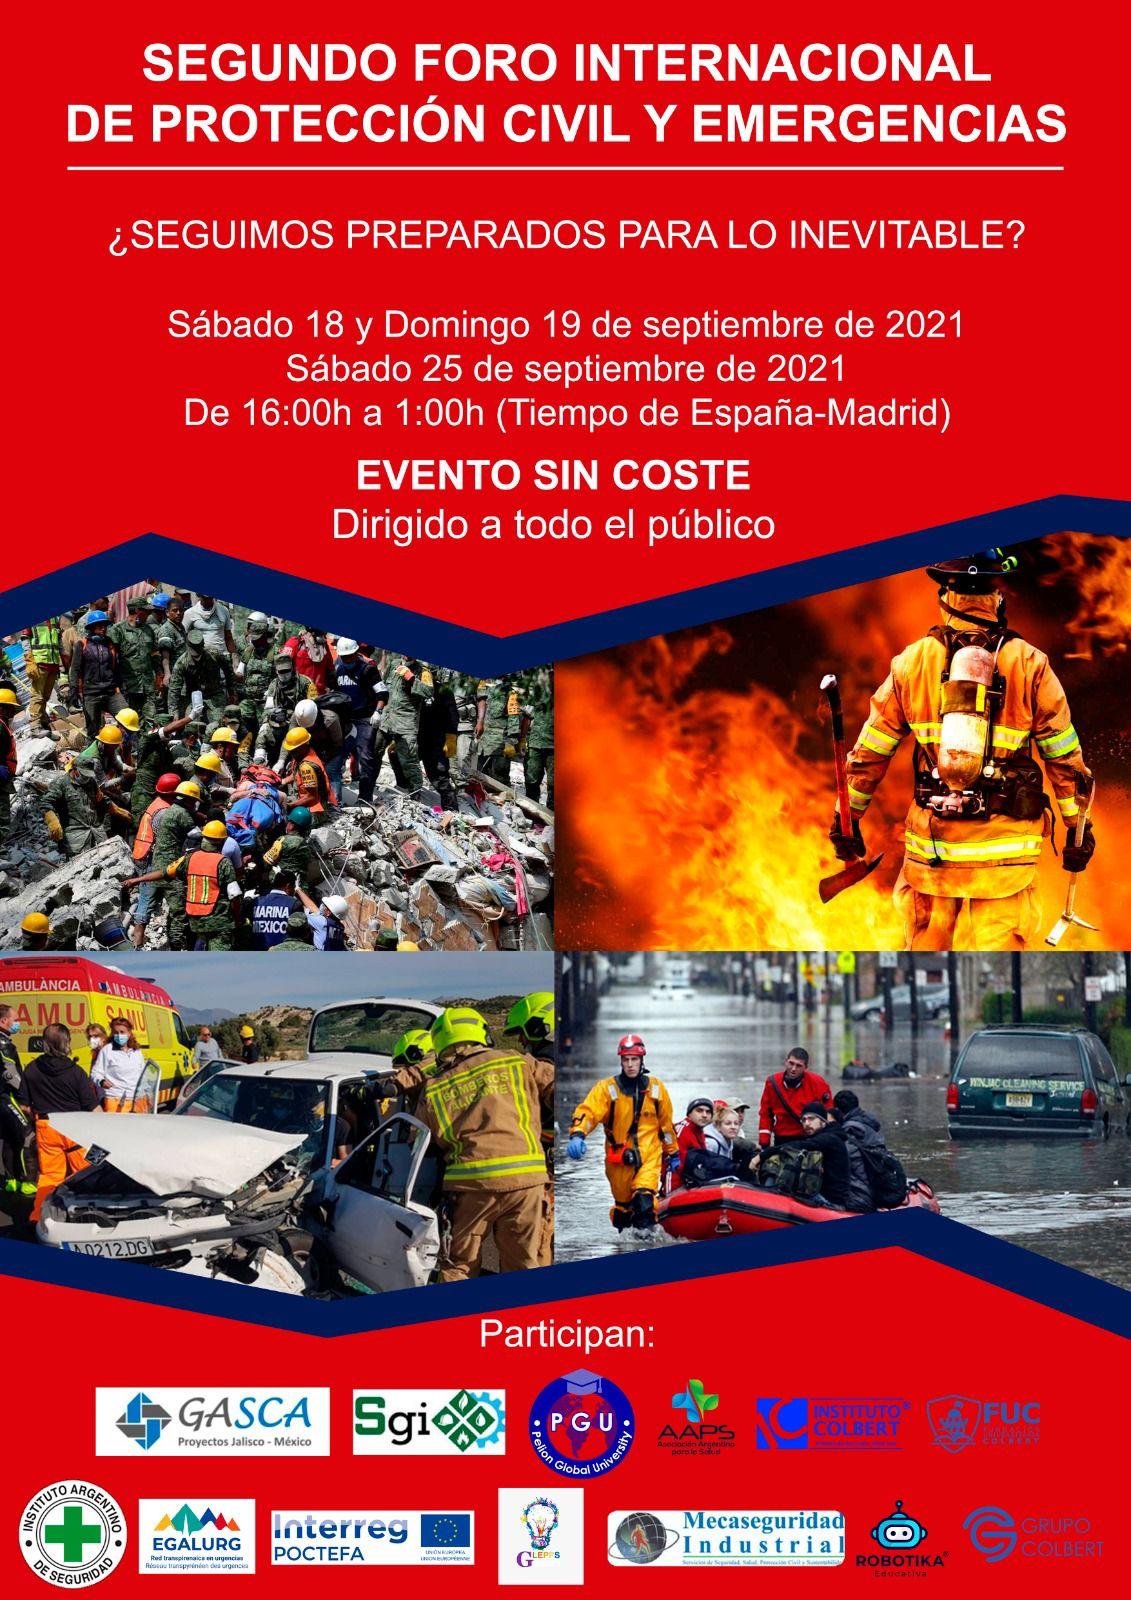 segundo foro internacional proteccion civil y emergencias